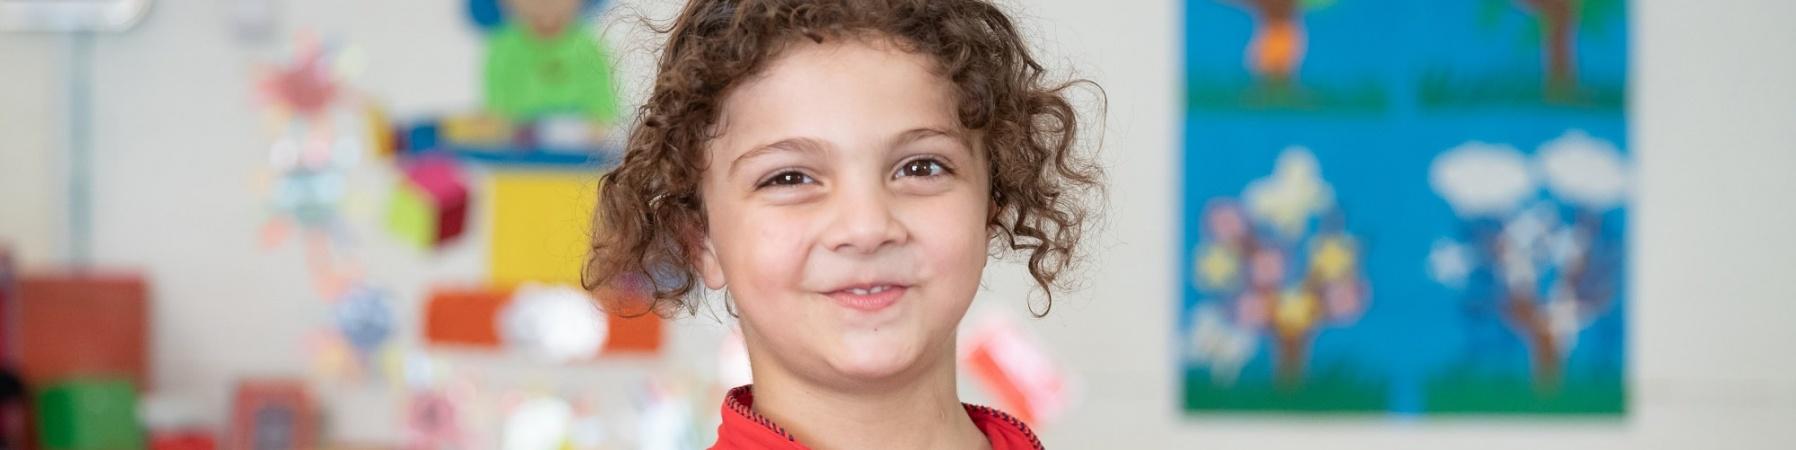 bambina sorridente con felpa rossa